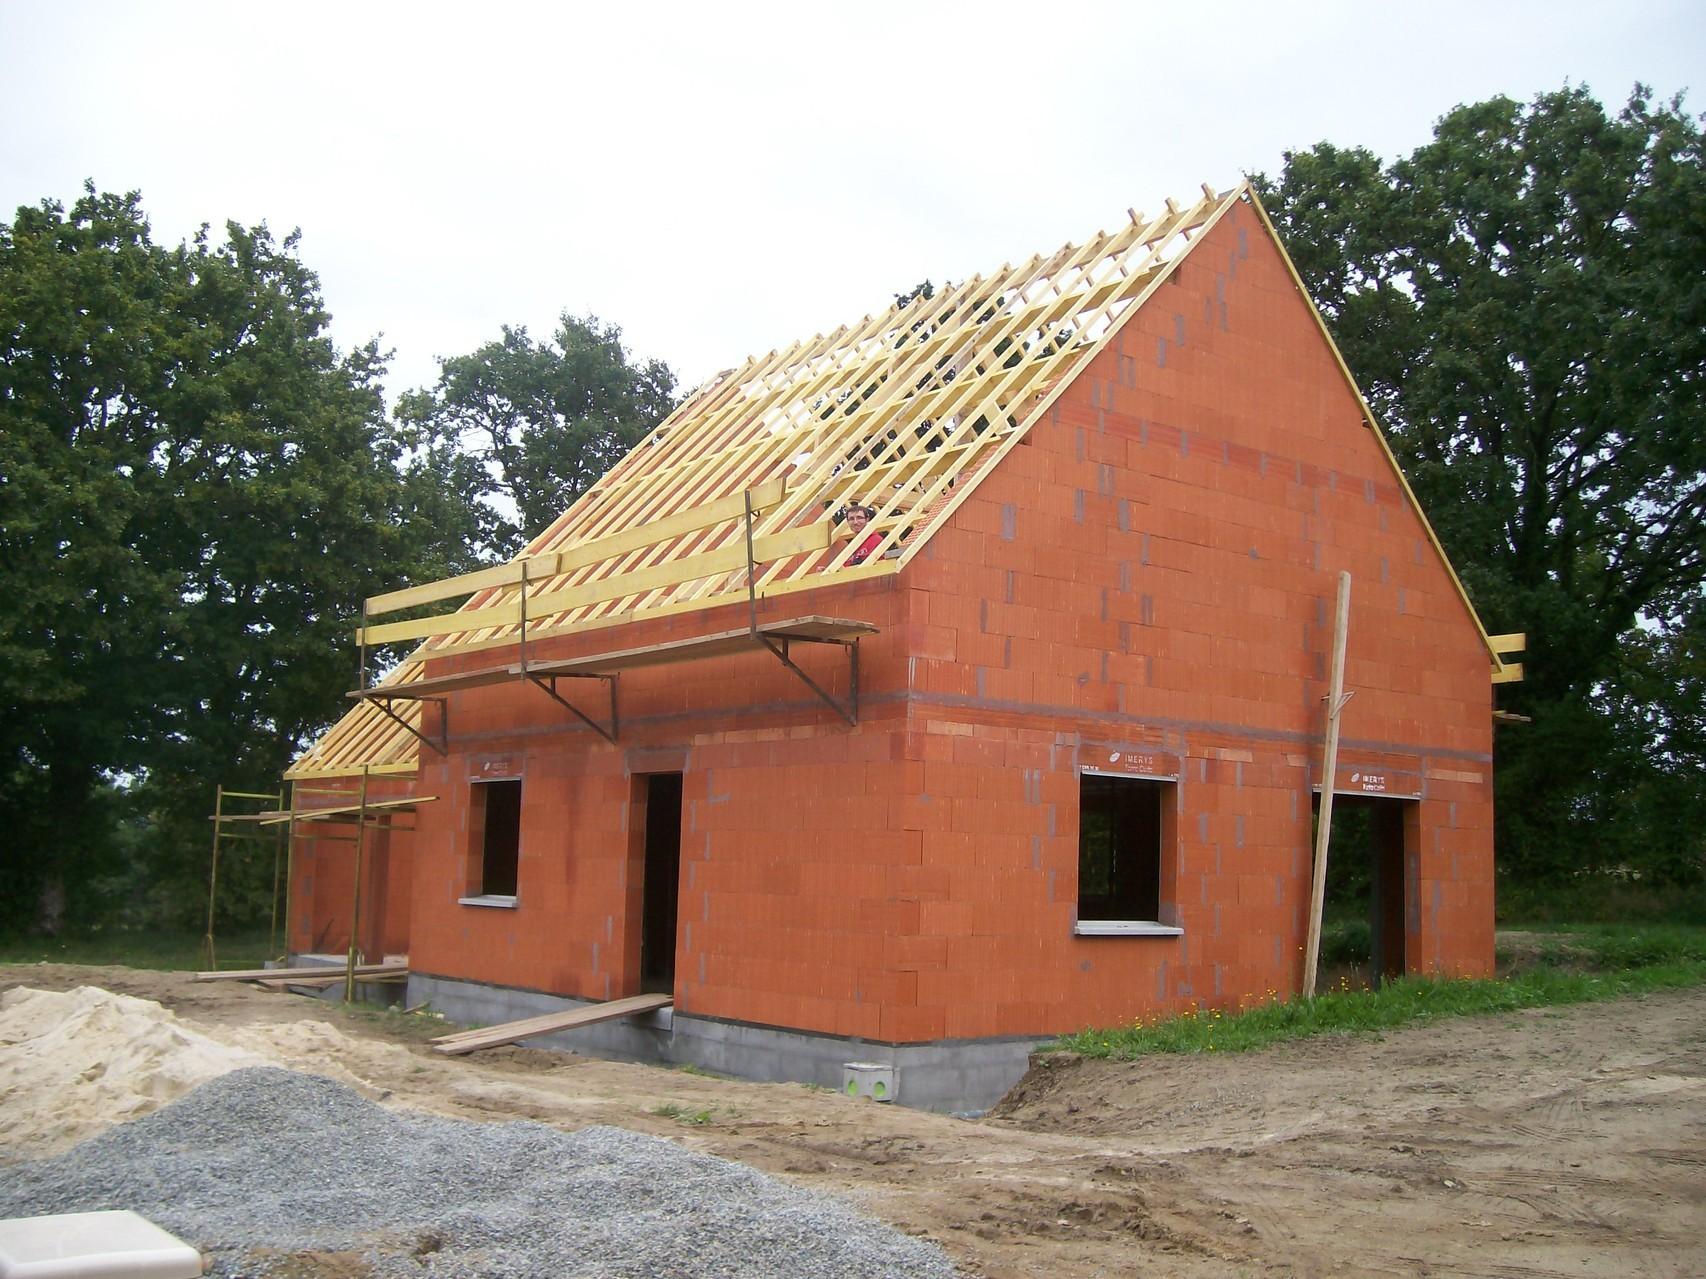 Prix construction maison hors d eau hors d air nouveau for Constructeur de maison hors d eau hors d air